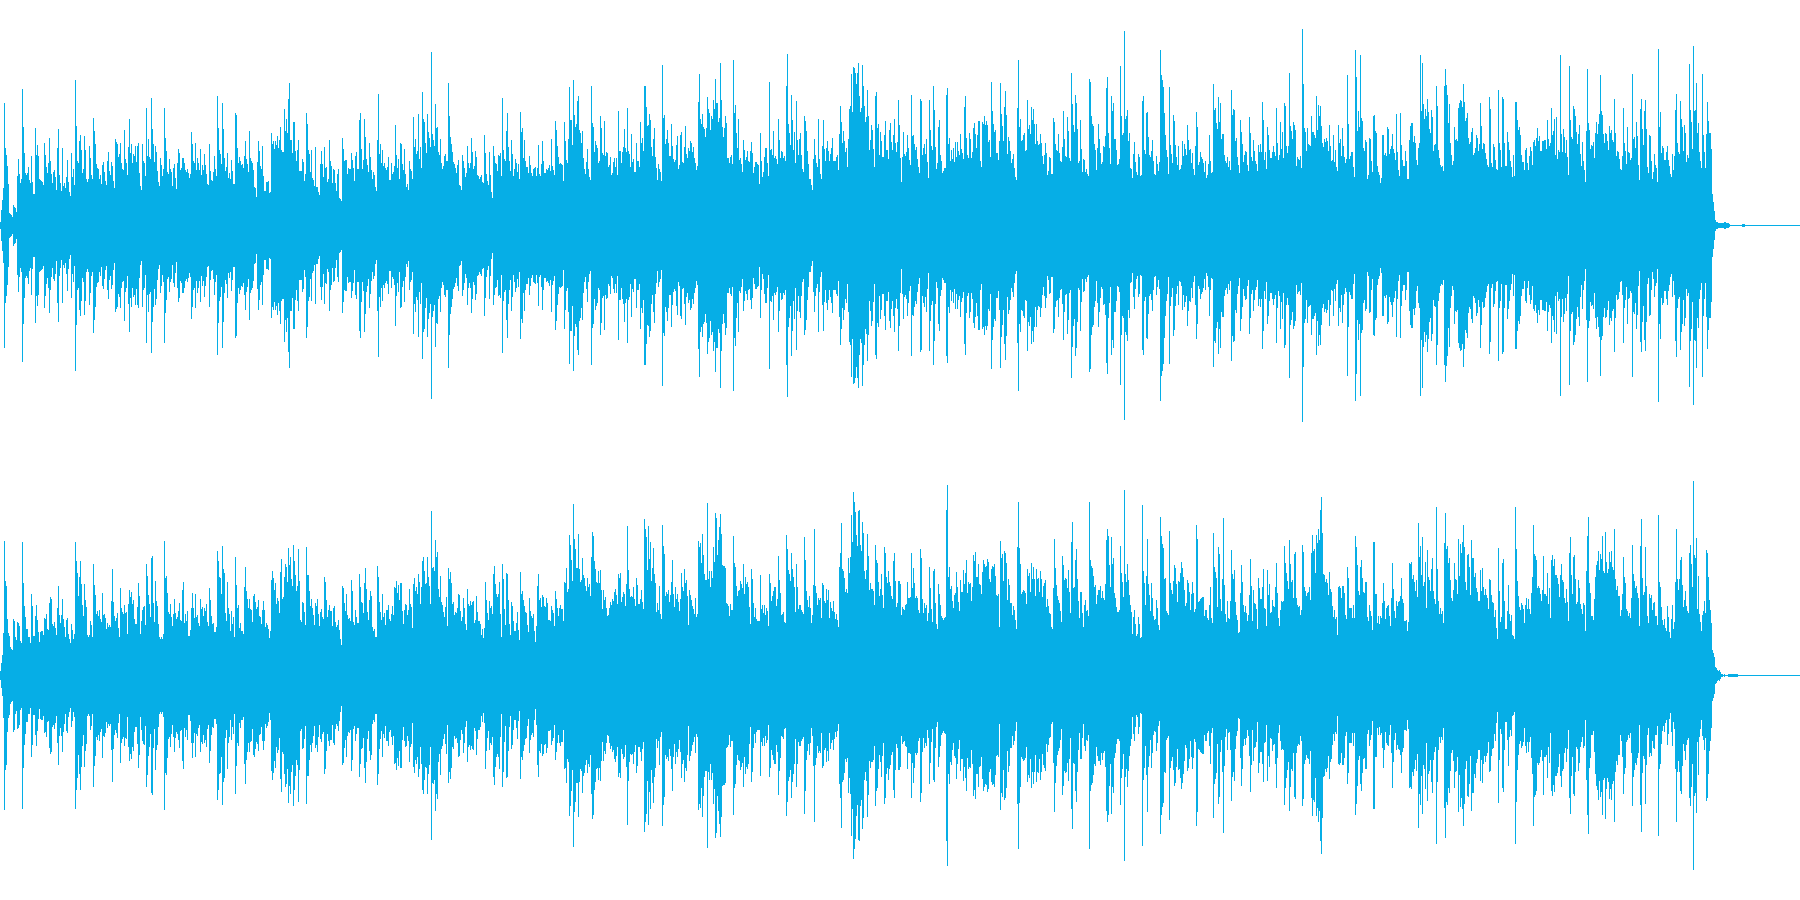 オーロラの夜 ギターの生演奏の再生済みの波形